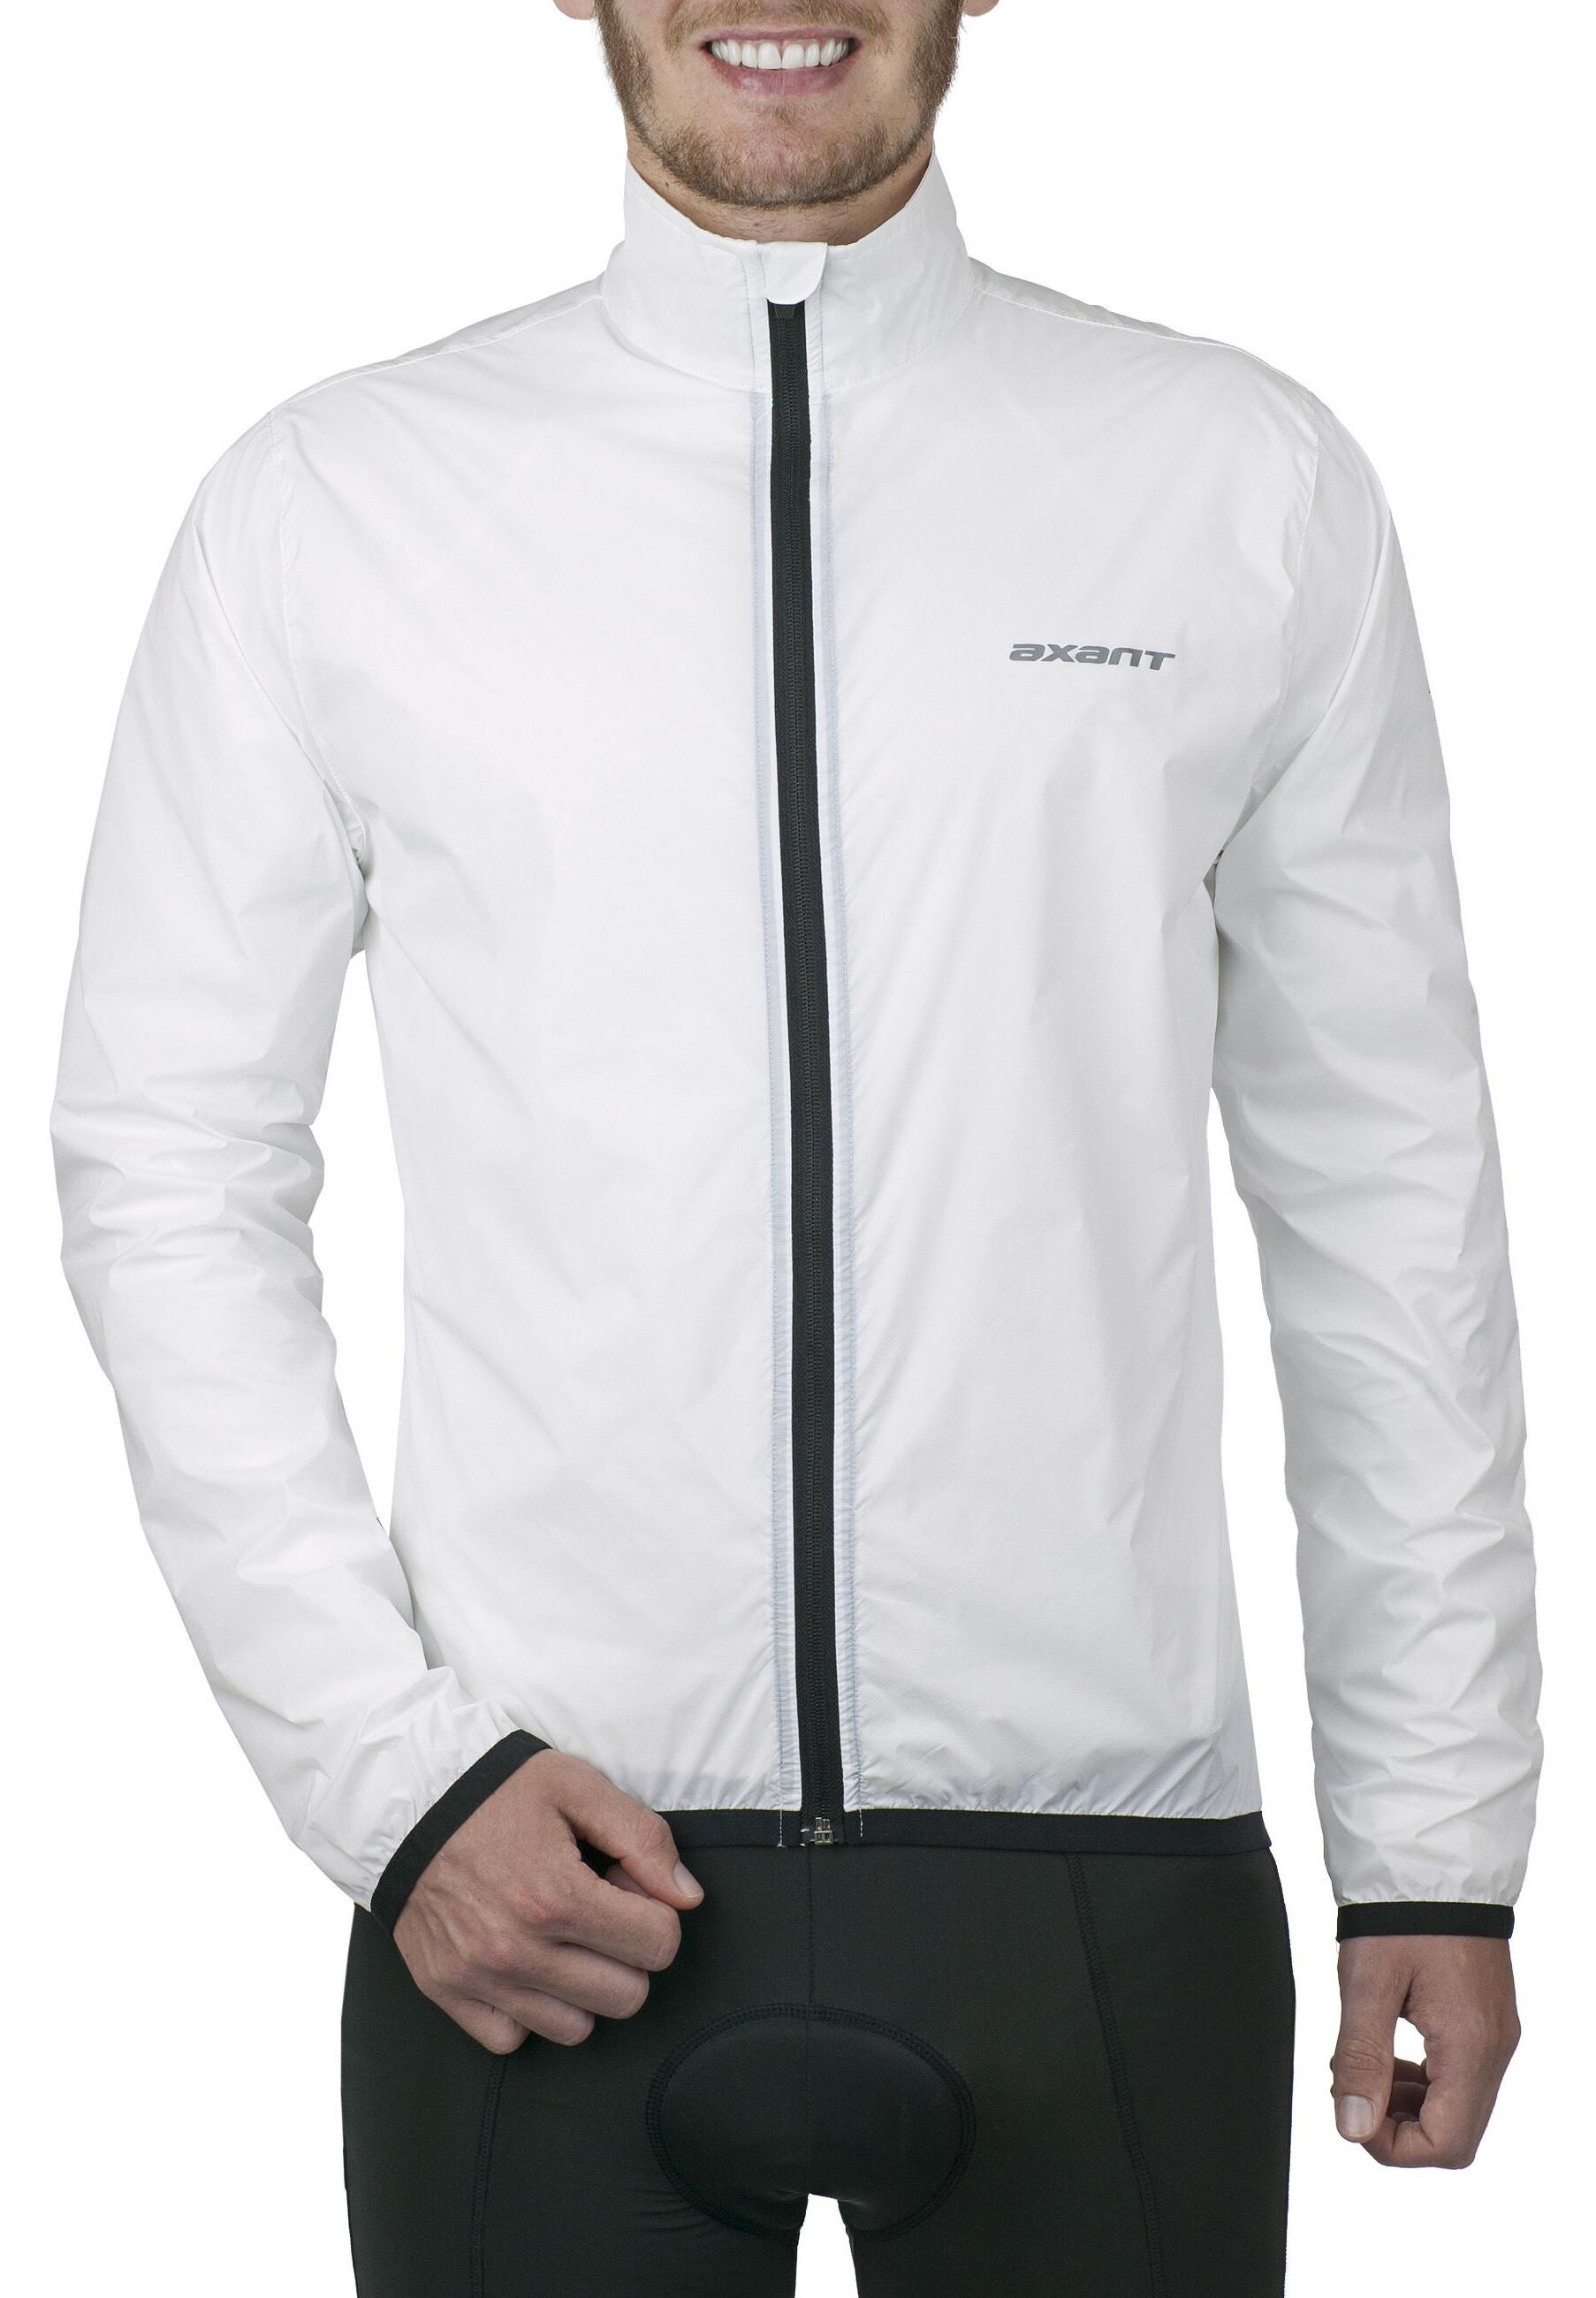 axant Elite - Veste Homme - Men blanc transparent - Boutique de ... 88e1fac6034b